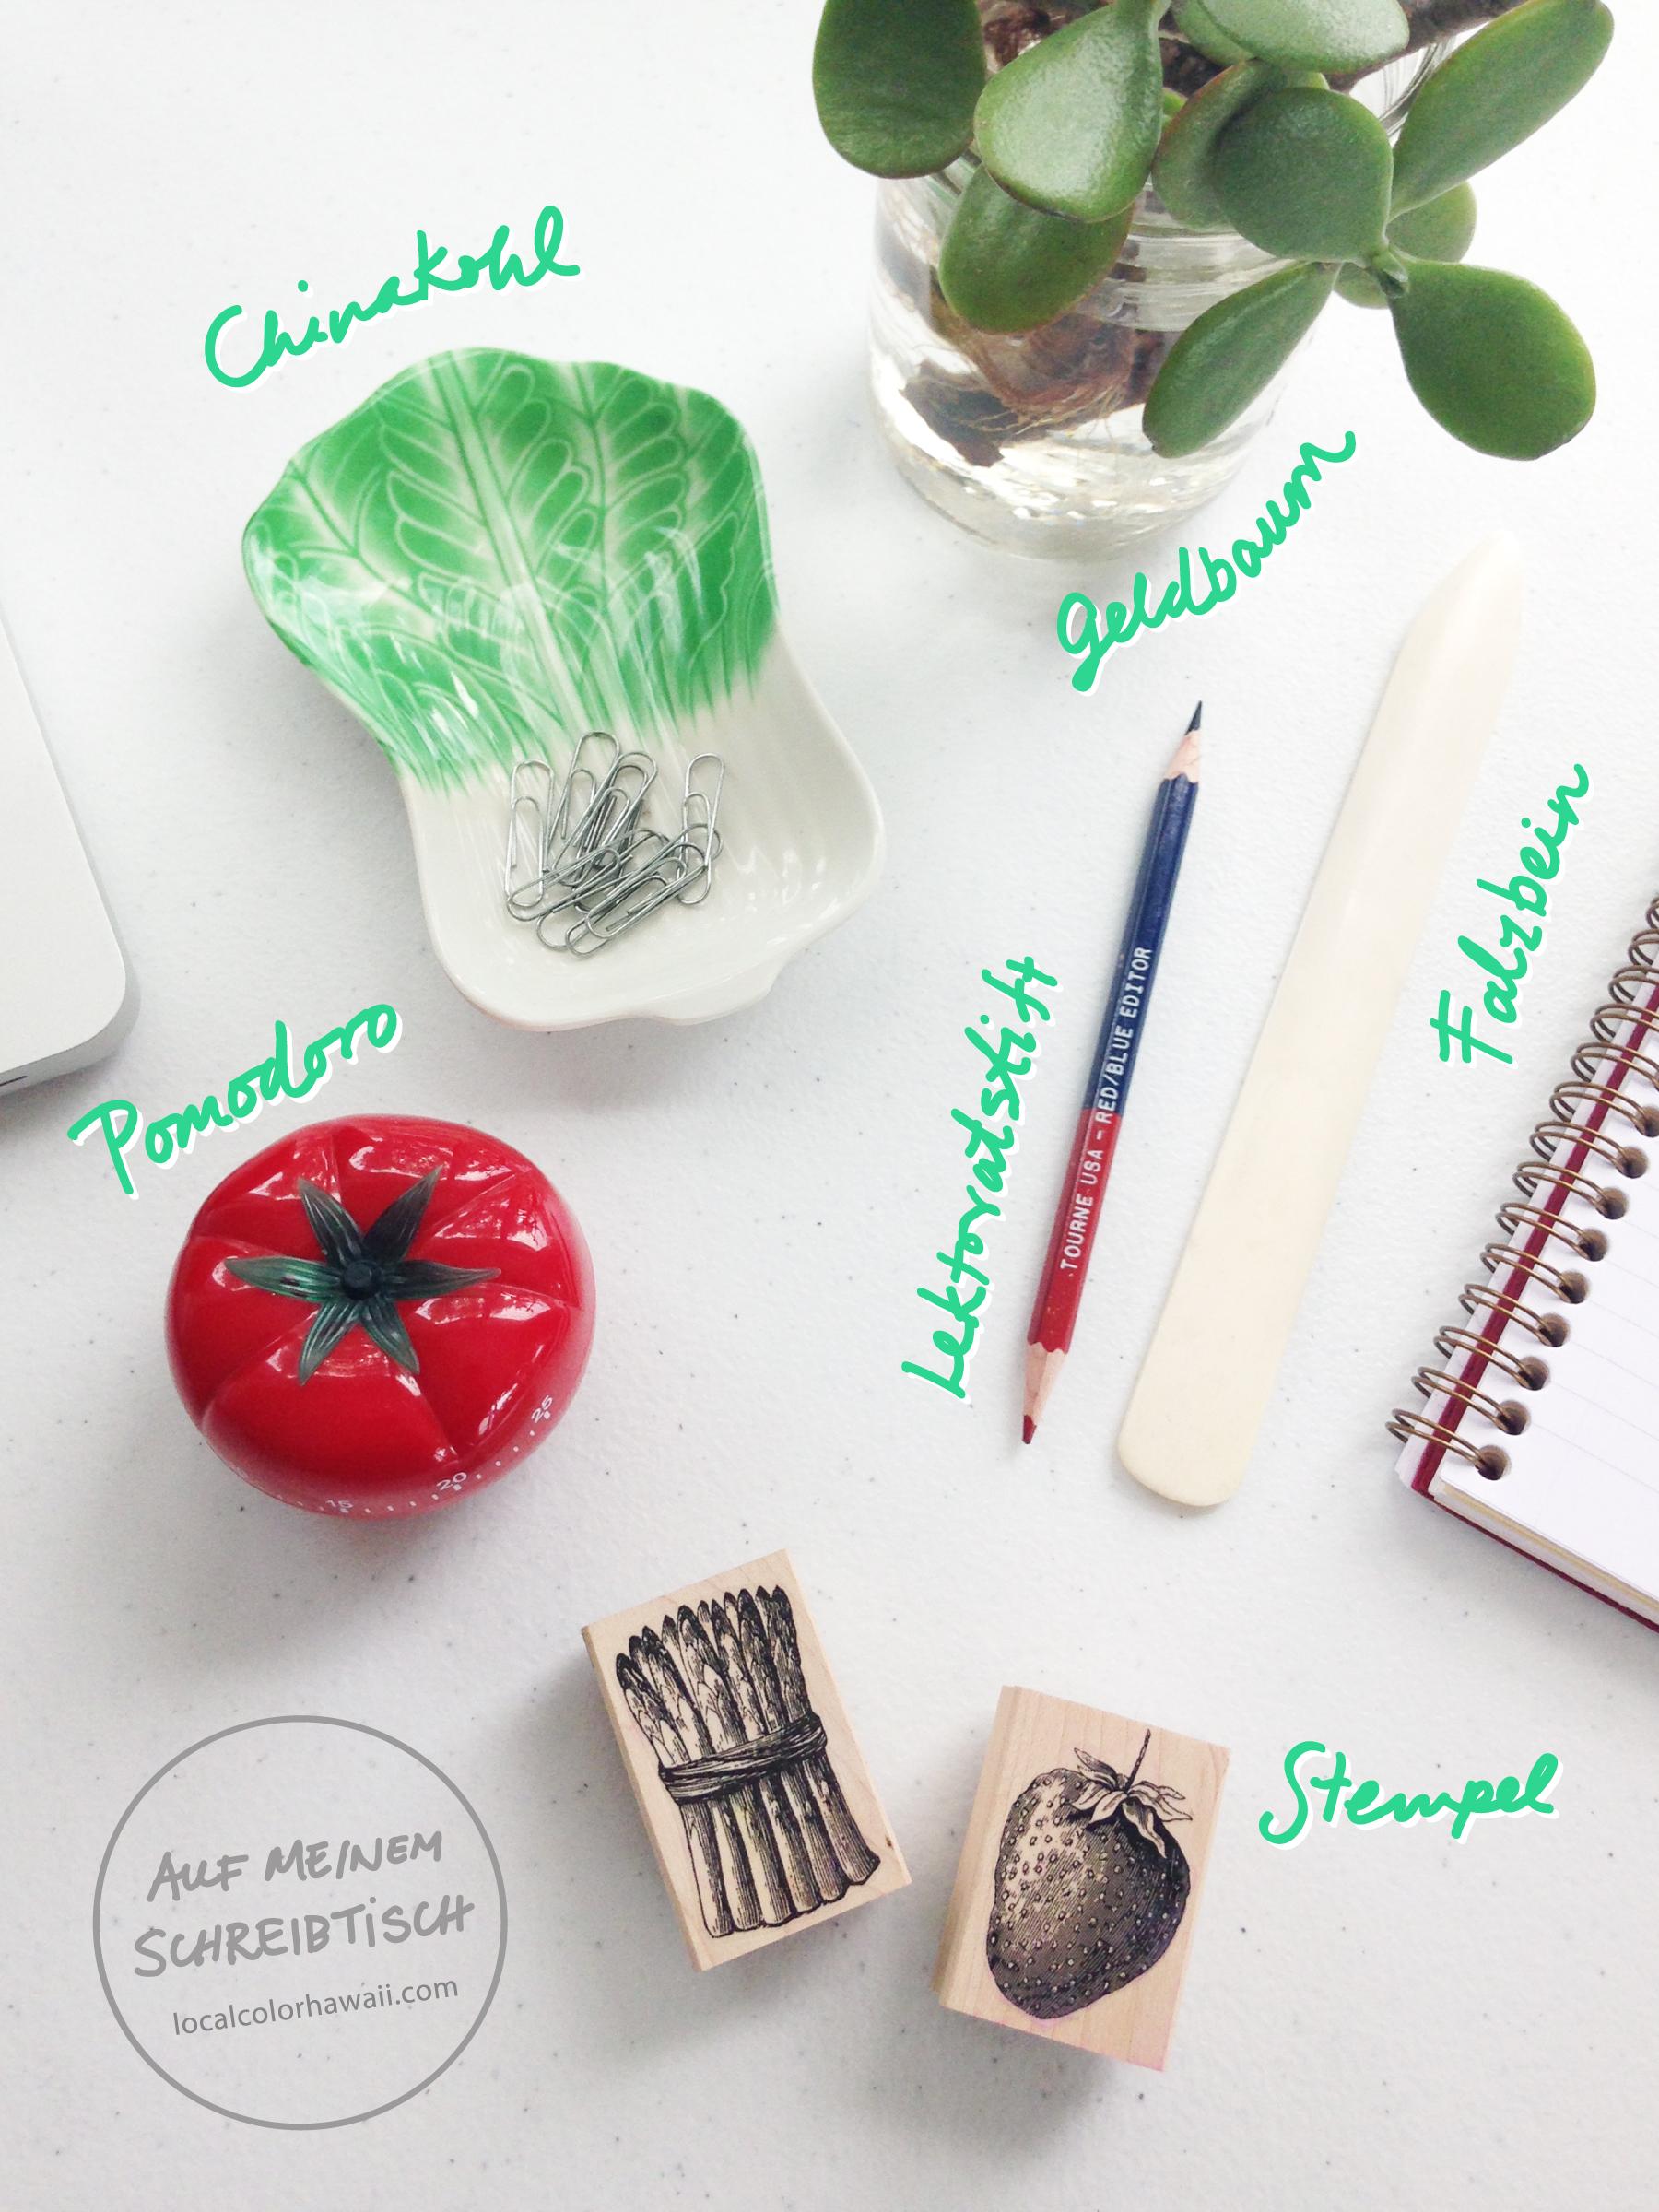 Leslie Kuo ´Auf meinem Schreibtisch` for herzundblut.com